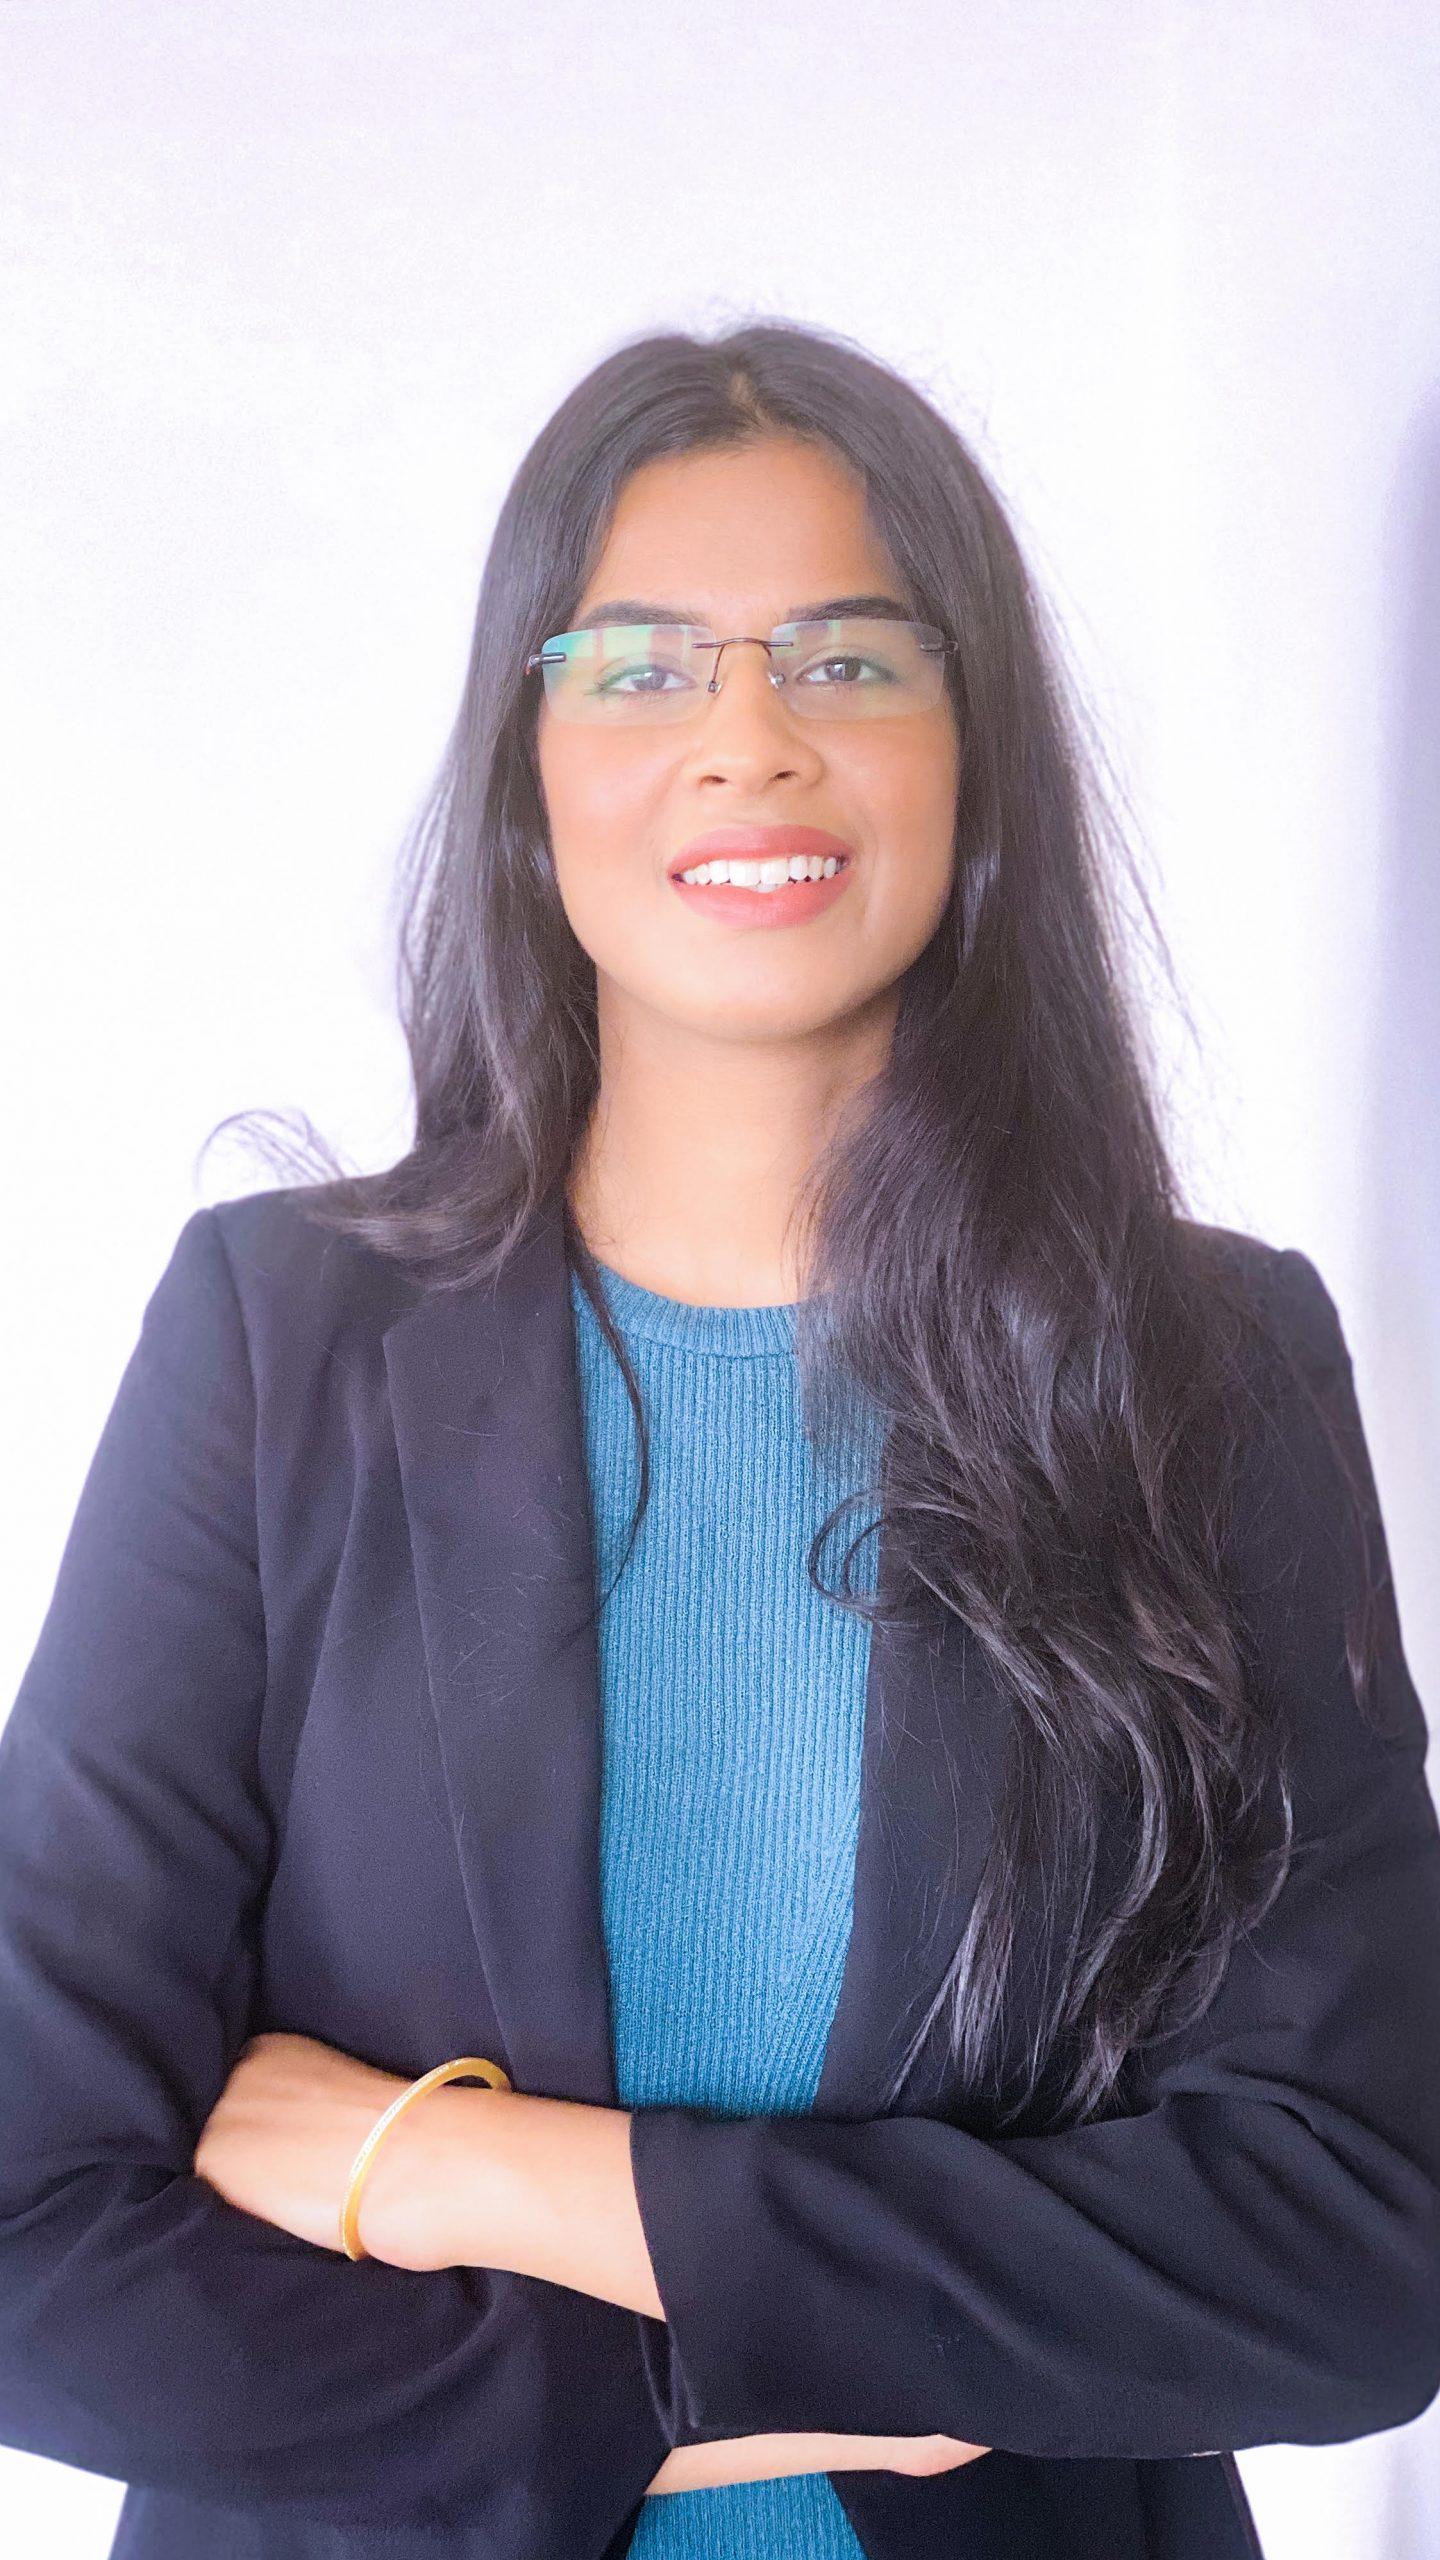 Bhawna Sethi